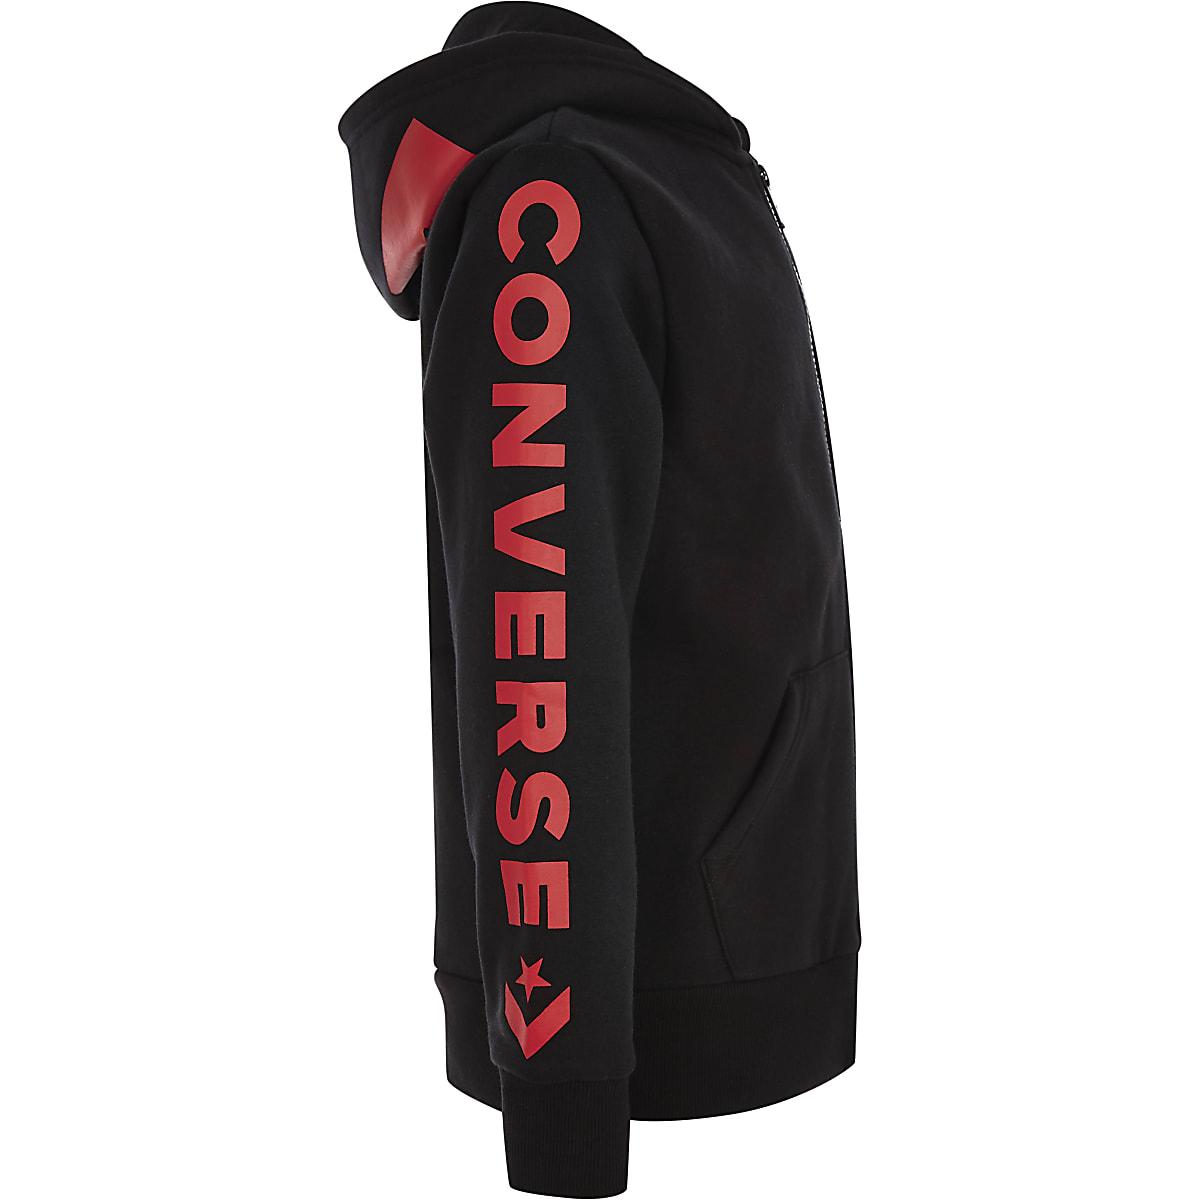 Boys Converse black zip up tracksuit hoodie